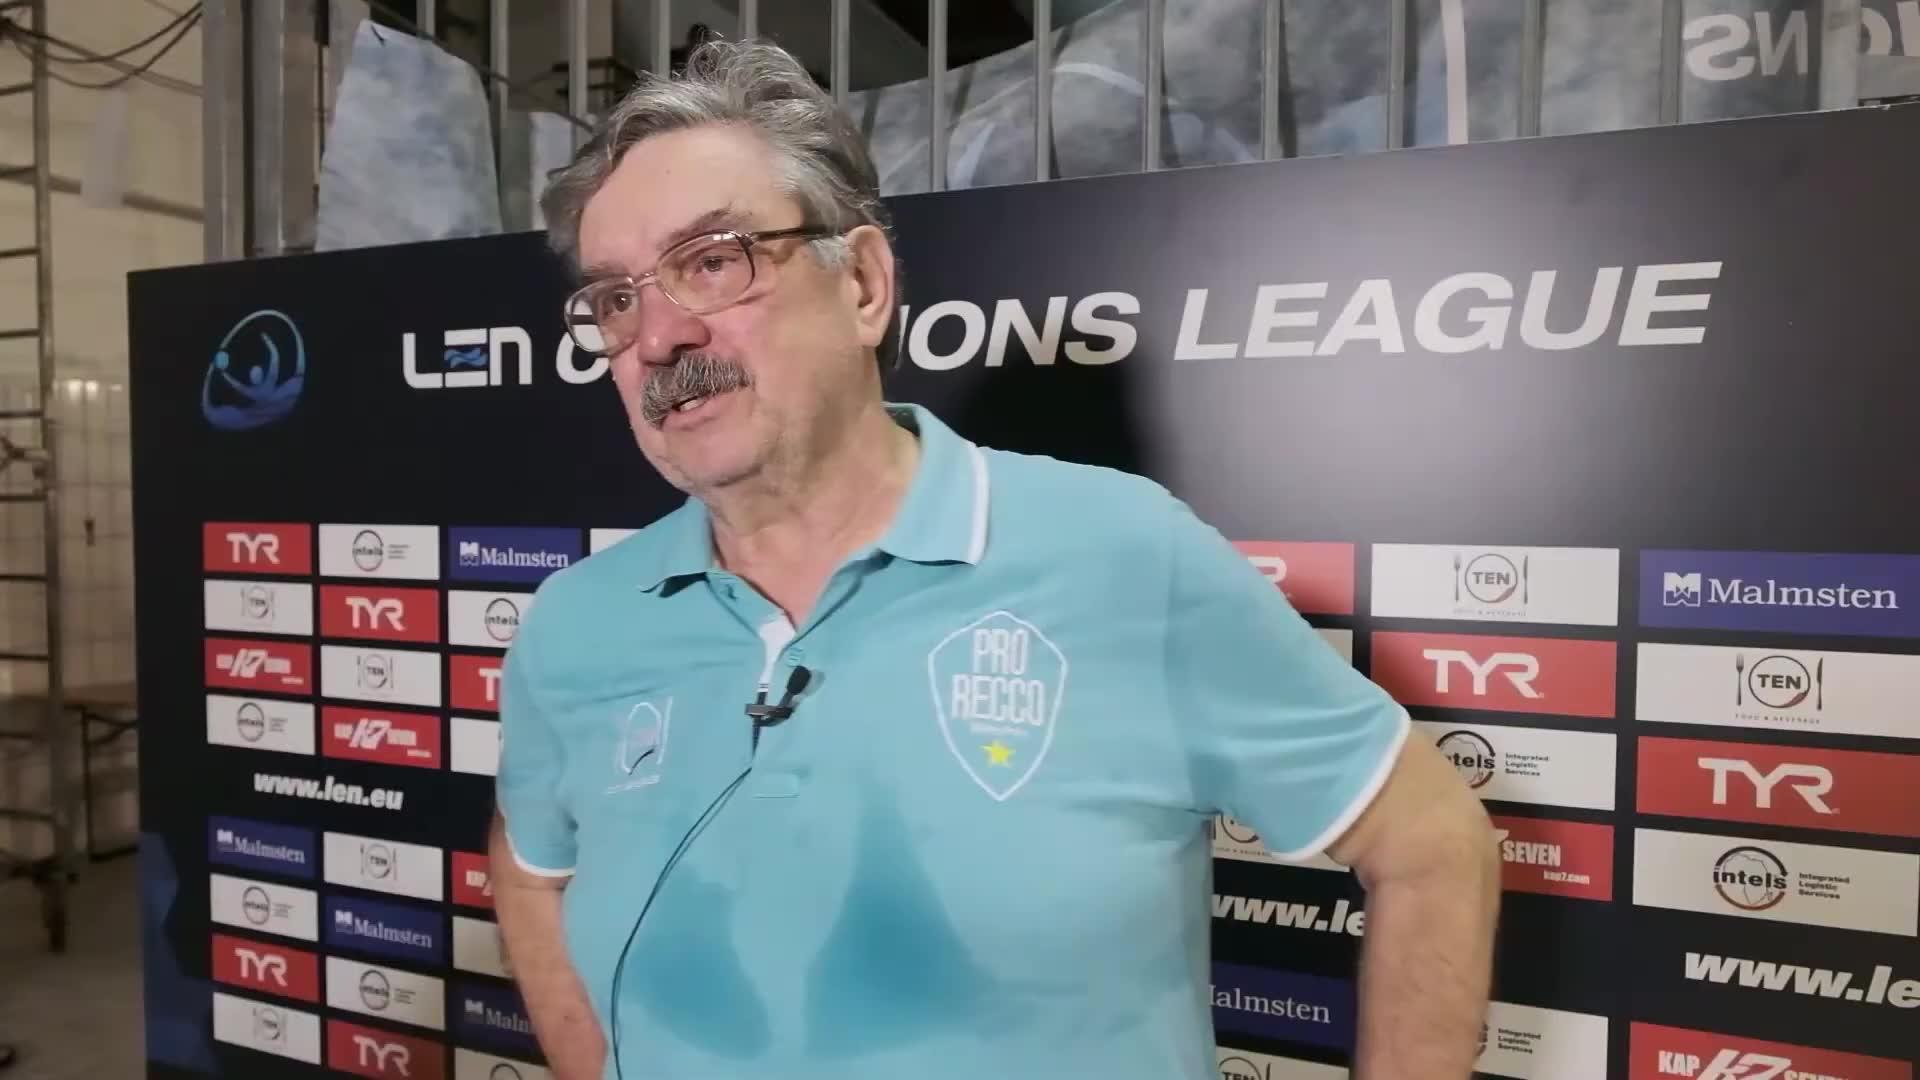 Pro Recco sconfitta dall'Osc Budapest: il commento di Ratko Rudic